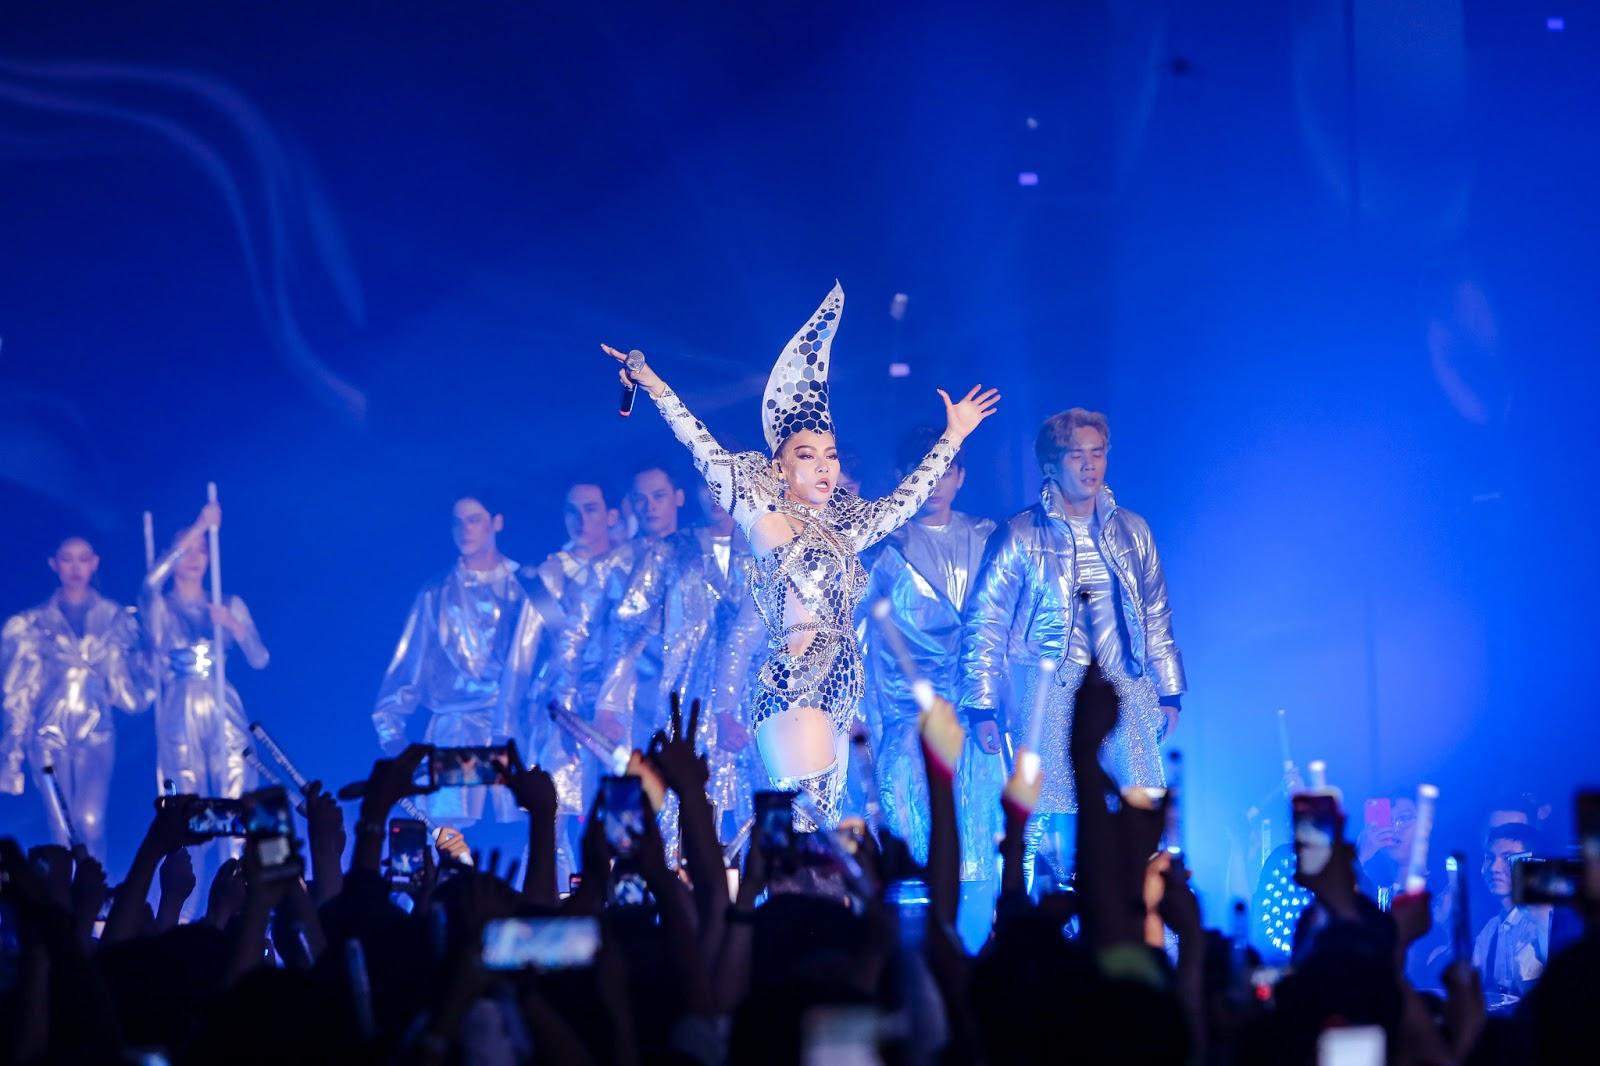 Hàng nghìn khán giả vỡ oà với sự trở lại của 'Nữ hoàng nhạc dance' Thu Minh trong showcase I AM DIVA - Hình 1